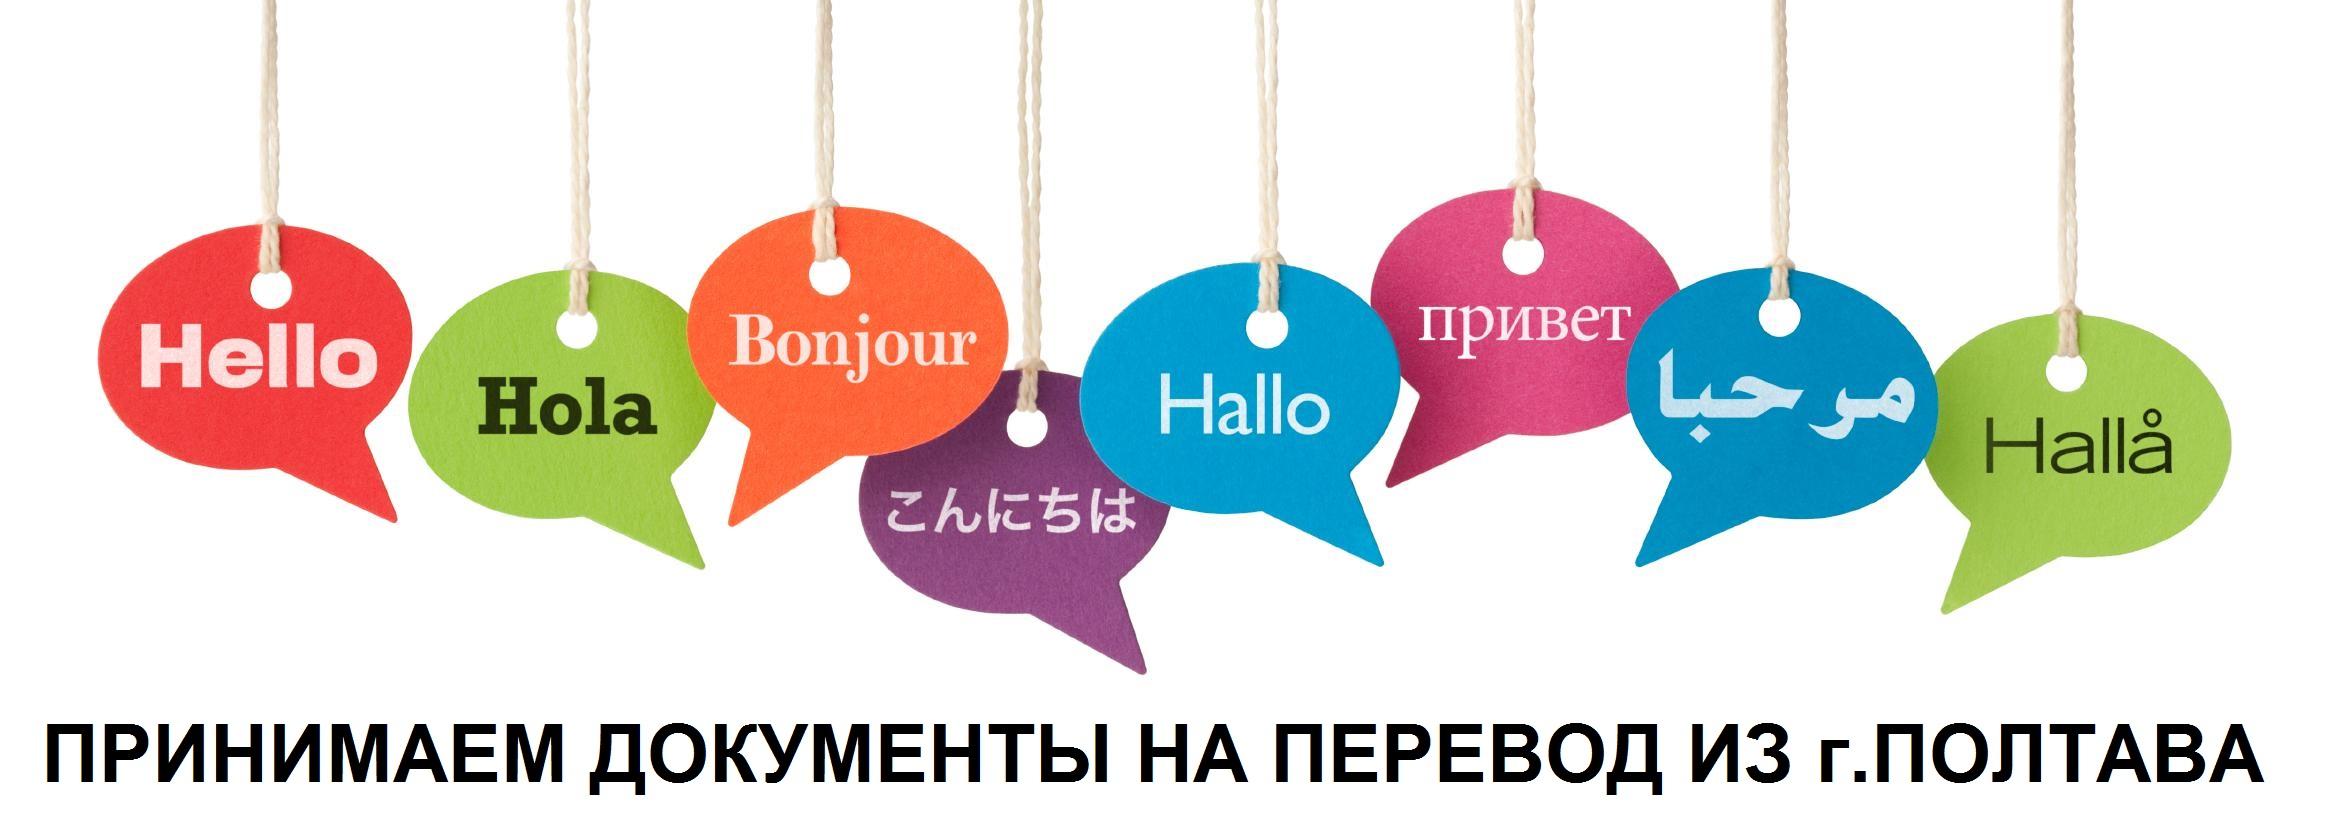 ПРИНИМАЕМ ДОКУМЕНТЫ НА ПЕРЕВОД ИЗ г.ПОЛТАВА - SpravkaInform.com.ua